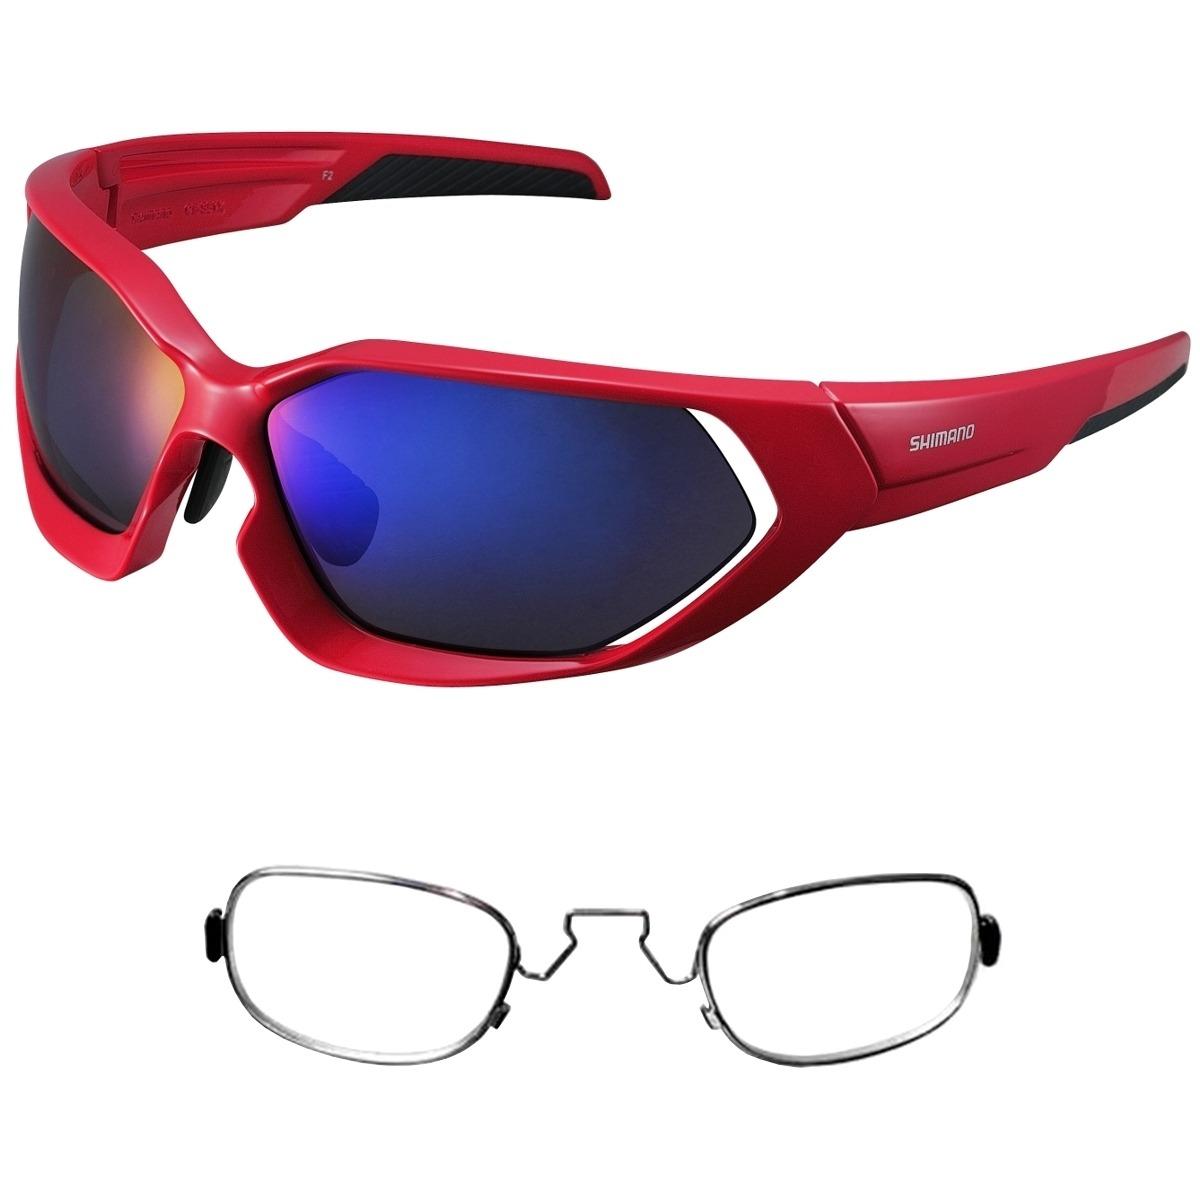 911b230fd2080 óculos shimano ce-s51x vermelho 3 lentes + armação rx clip. Carregando zoom.